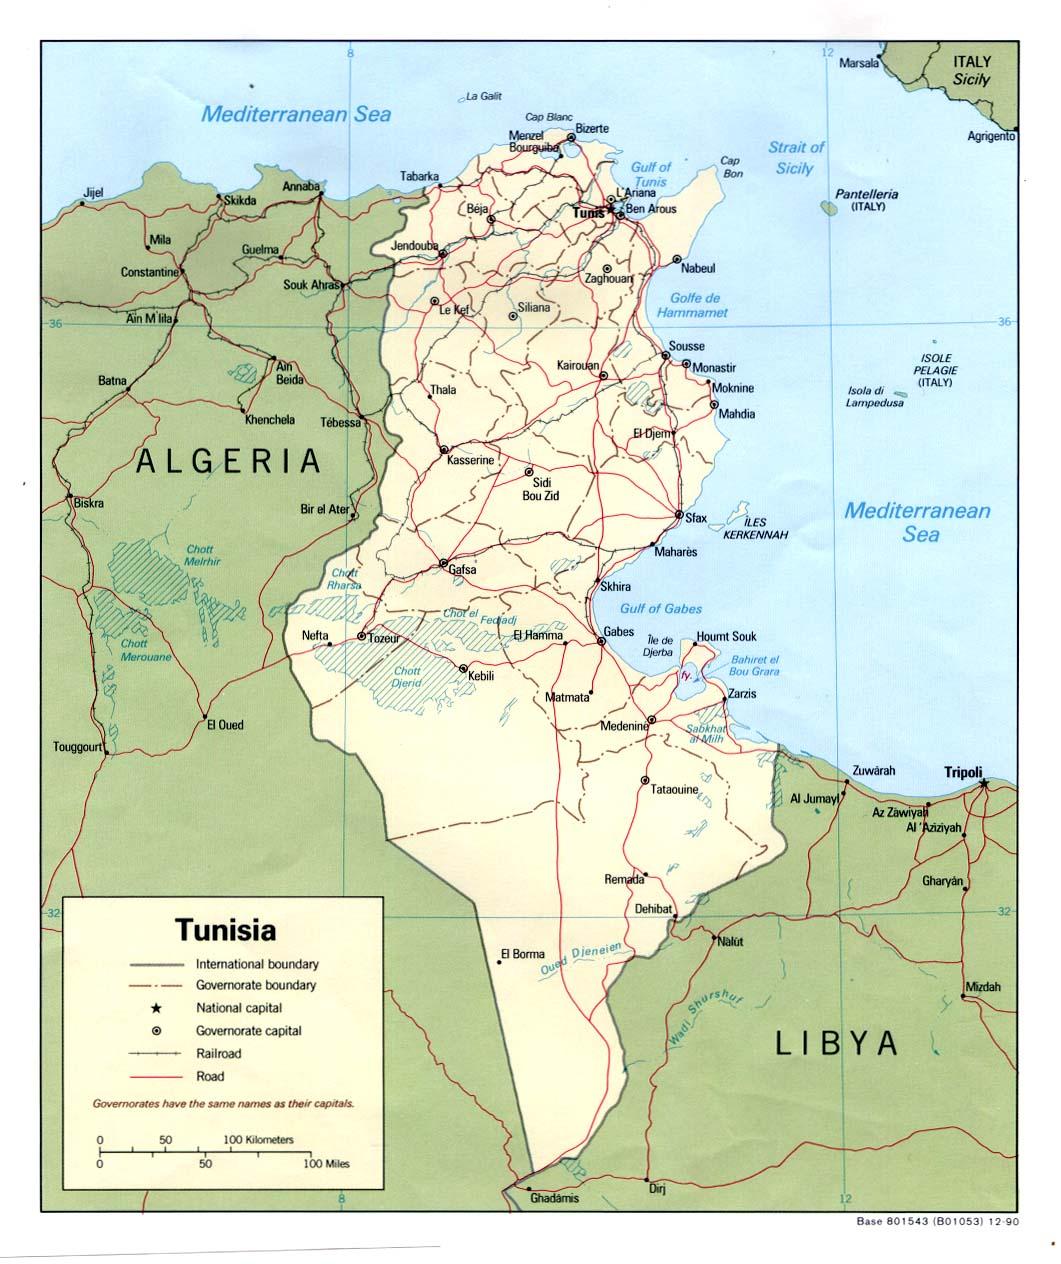 Tunesien Karte Welt.Landkarte Tunesien Politische Karte Weltkarte Com